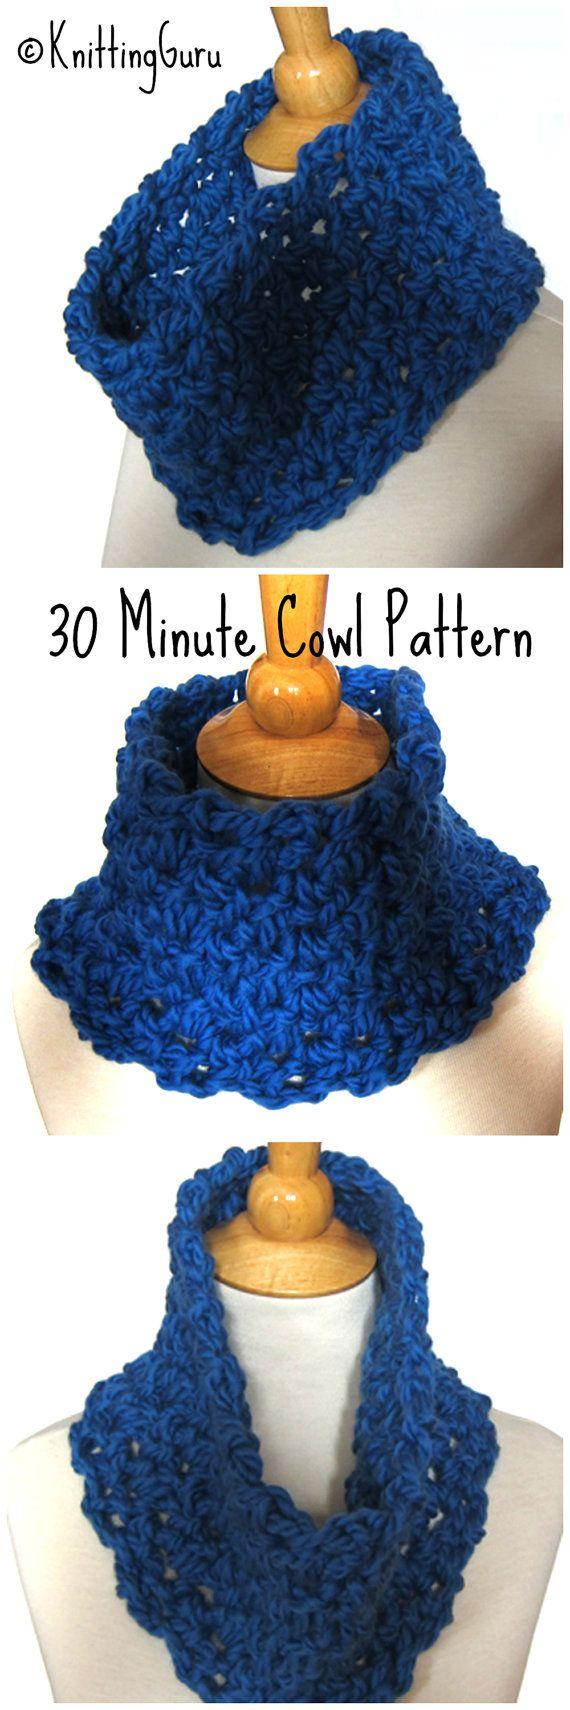 45 besten KnittingGuru Patterns Bilder auf Pinterest | Strickmuster ...